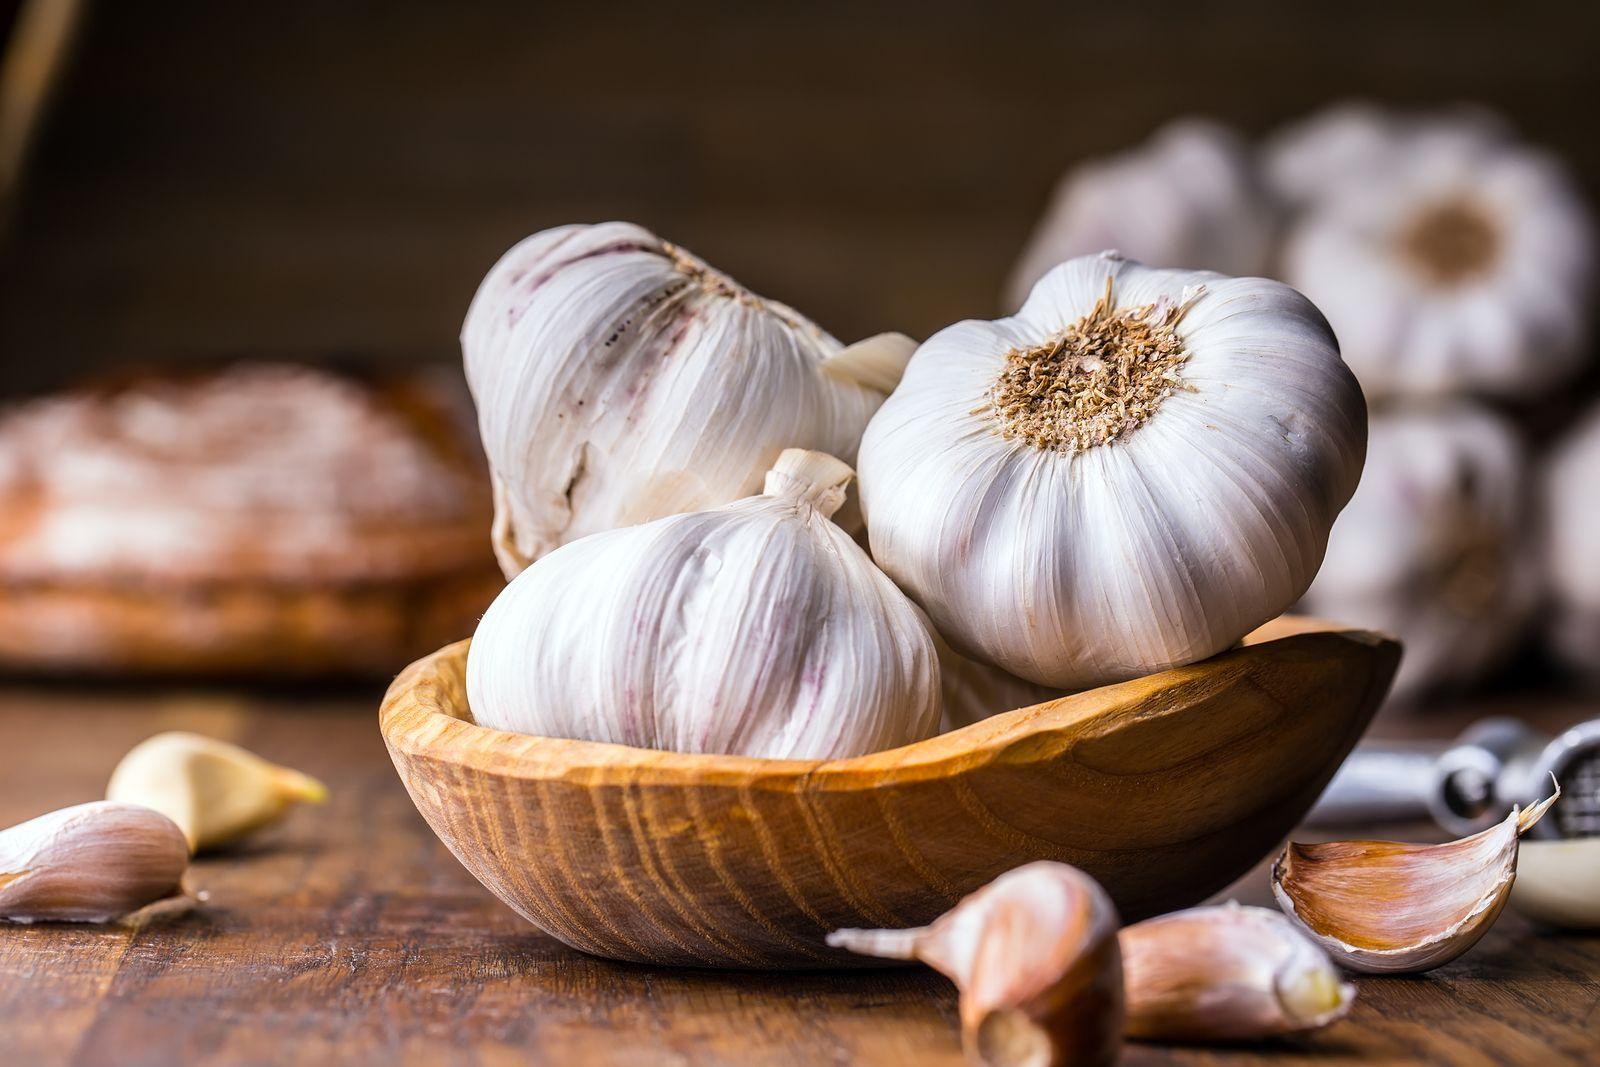 Los tipos de ajos que existen y sus saludables propiedades